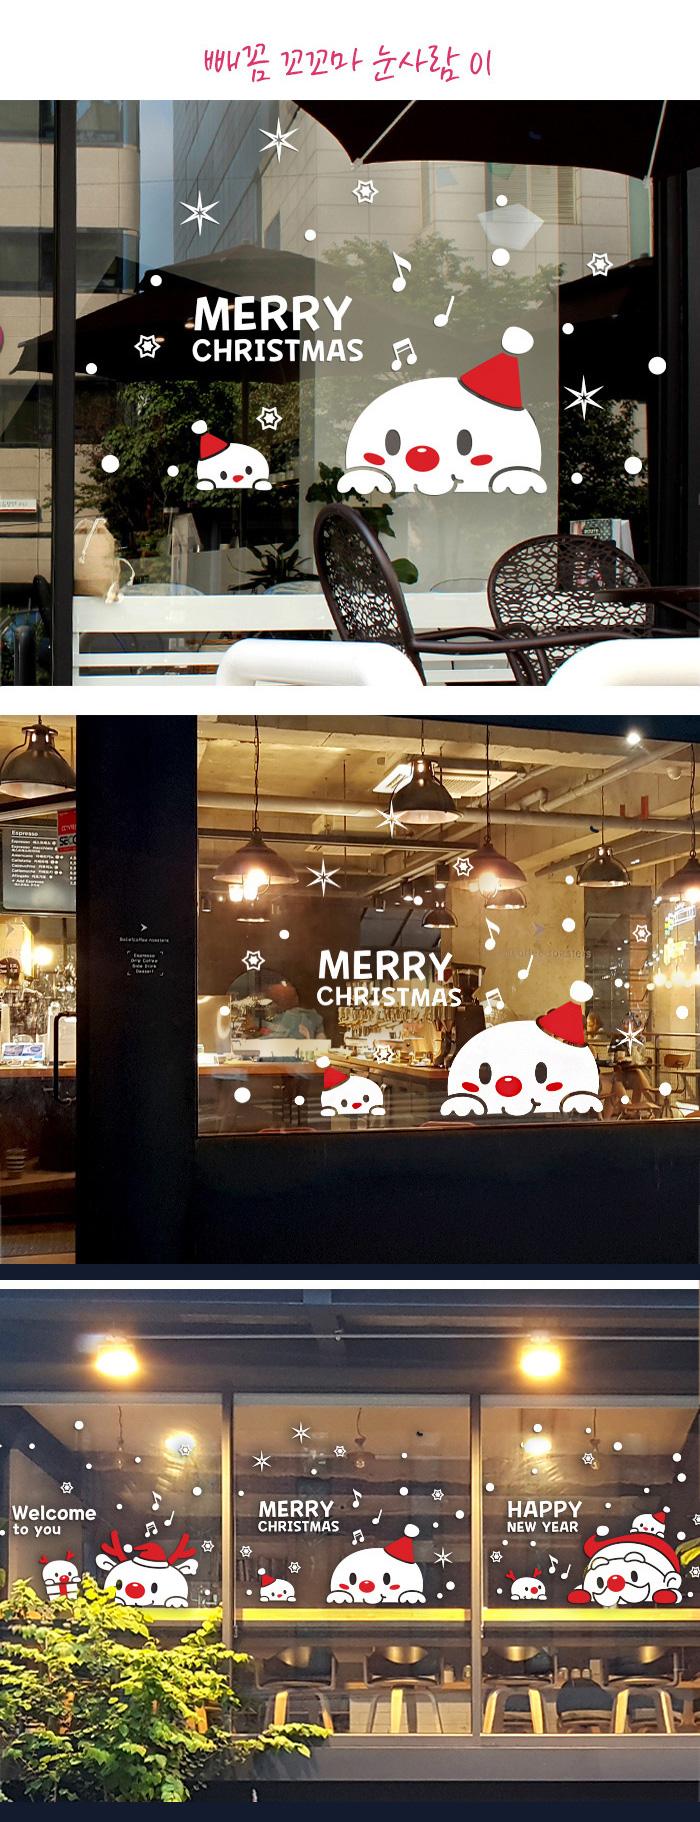 크리스마스 눈꽃 스티커 장식 CMS4J231 빼꼼 꼬꼬마 - 제제데코, 21,000원, 월데코스티커, 계절/시즌